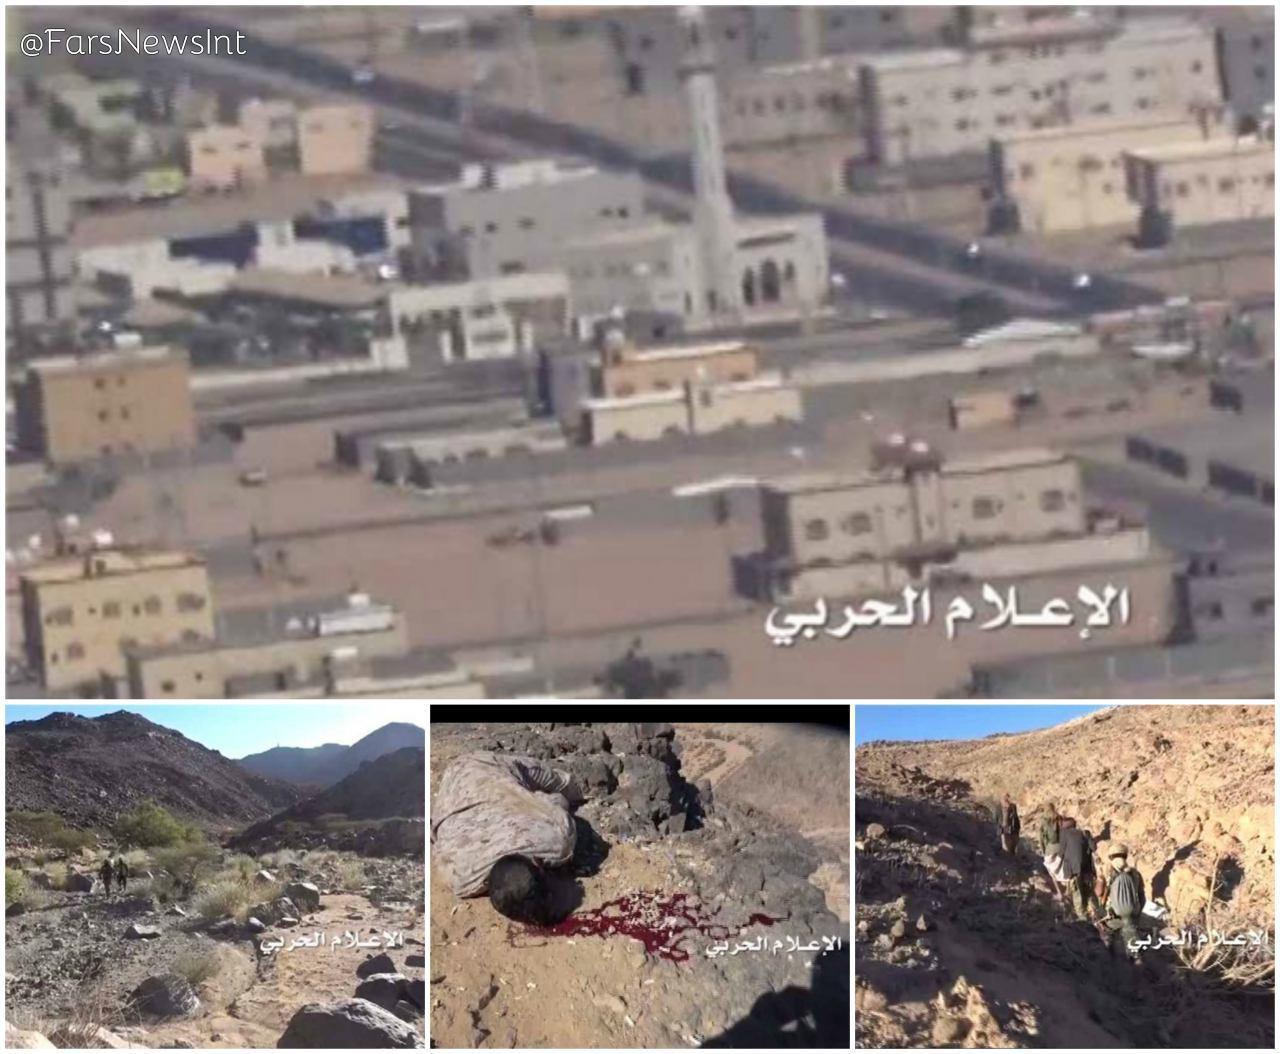 بزرگترین پایگاه نظامی سعودی در نجران به تصرف رزمندگان یمنی درآمد